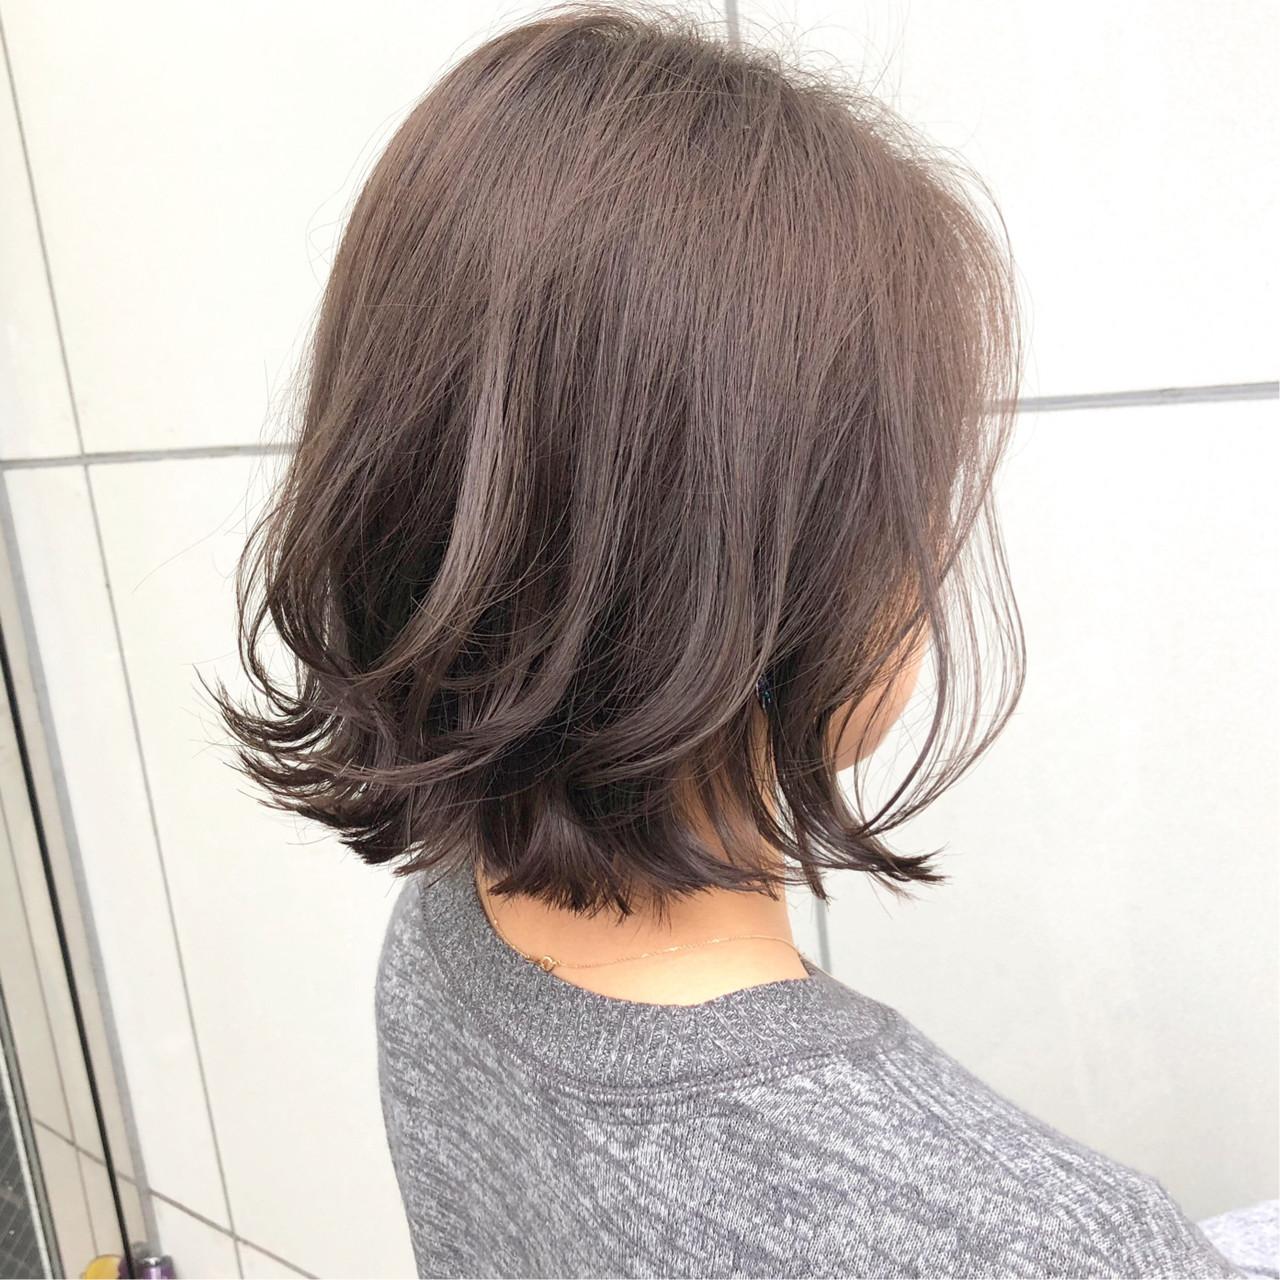 ボブ ボブヘアー パーマ ナチュラルヘアスタイルや髪型の写真・画像